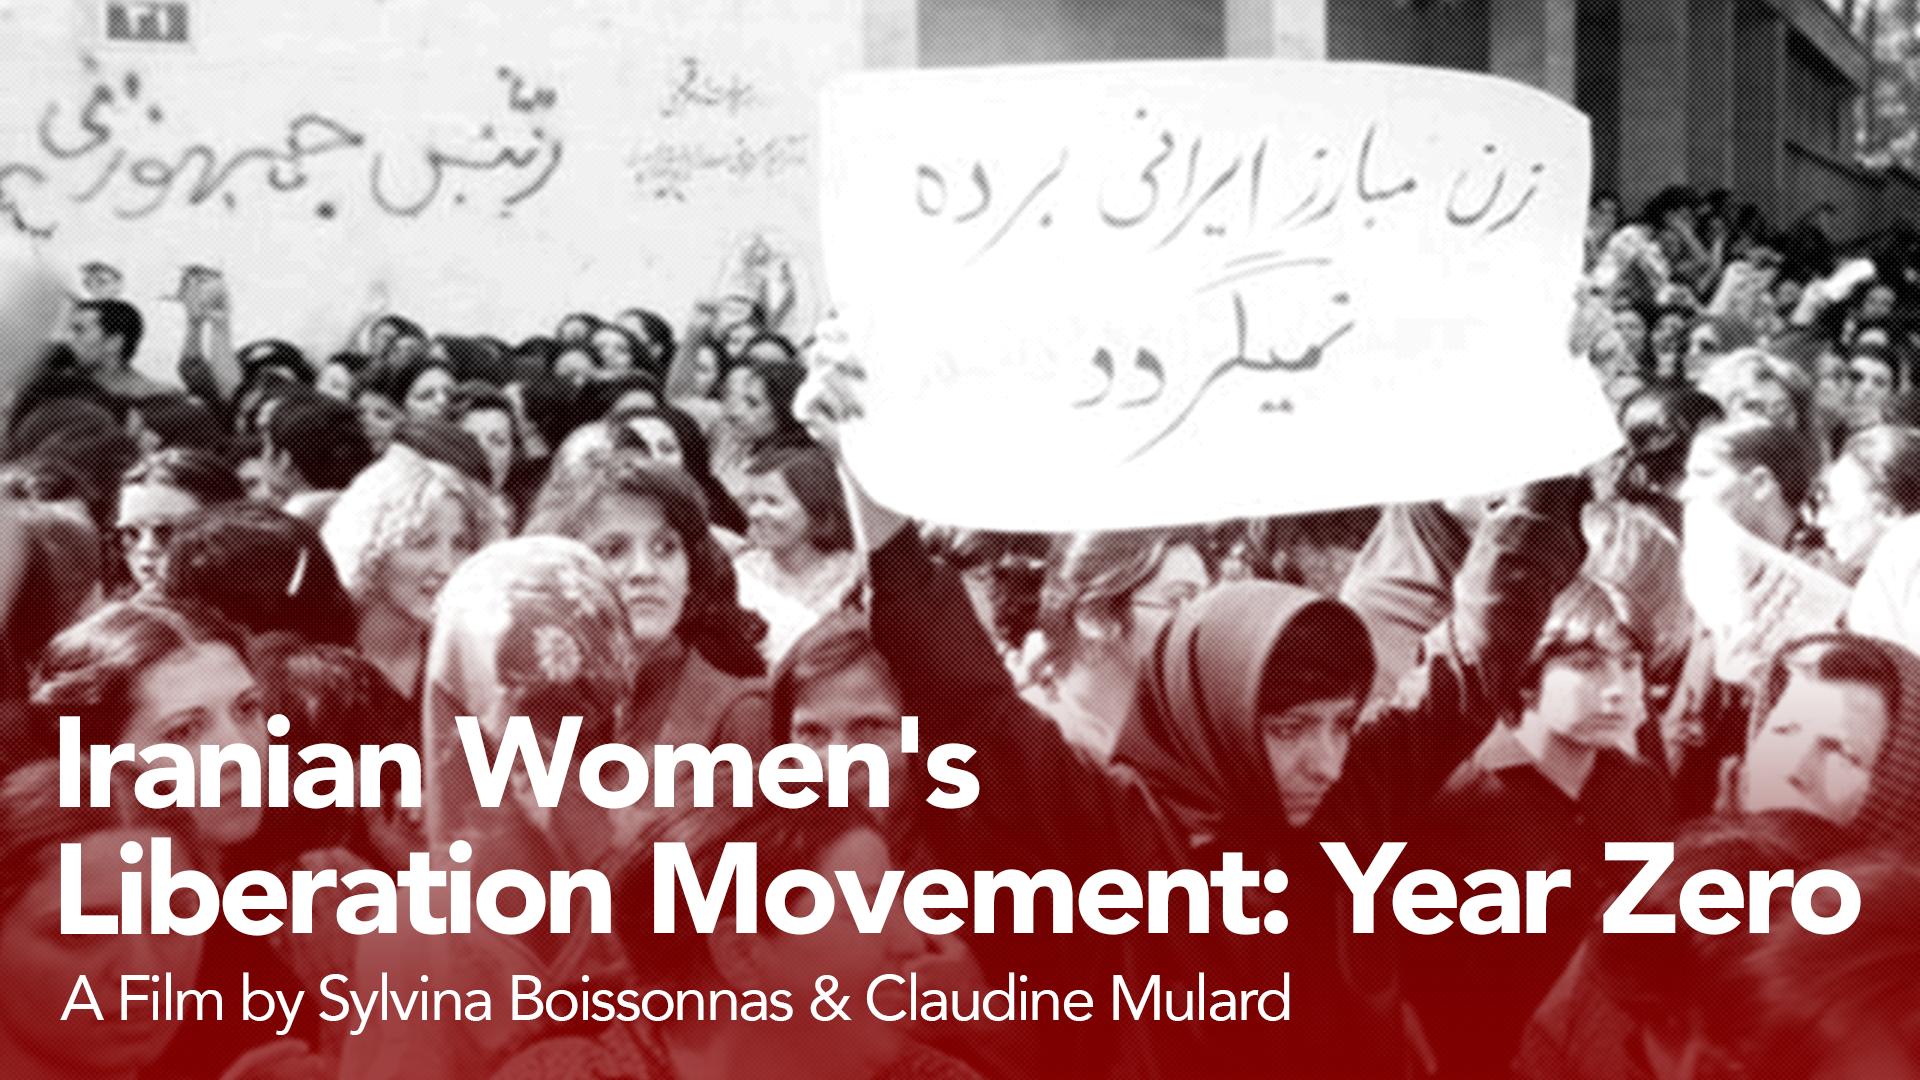 Iranian Women's Liberation Movement: Year Zero (1979)